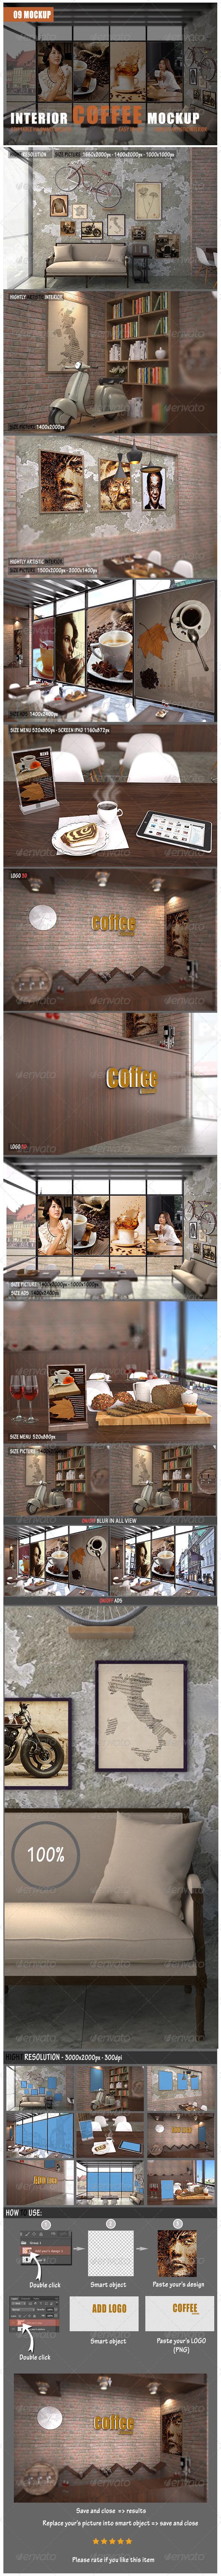 GraphicRiver Interior Coffee Mockup 7805640